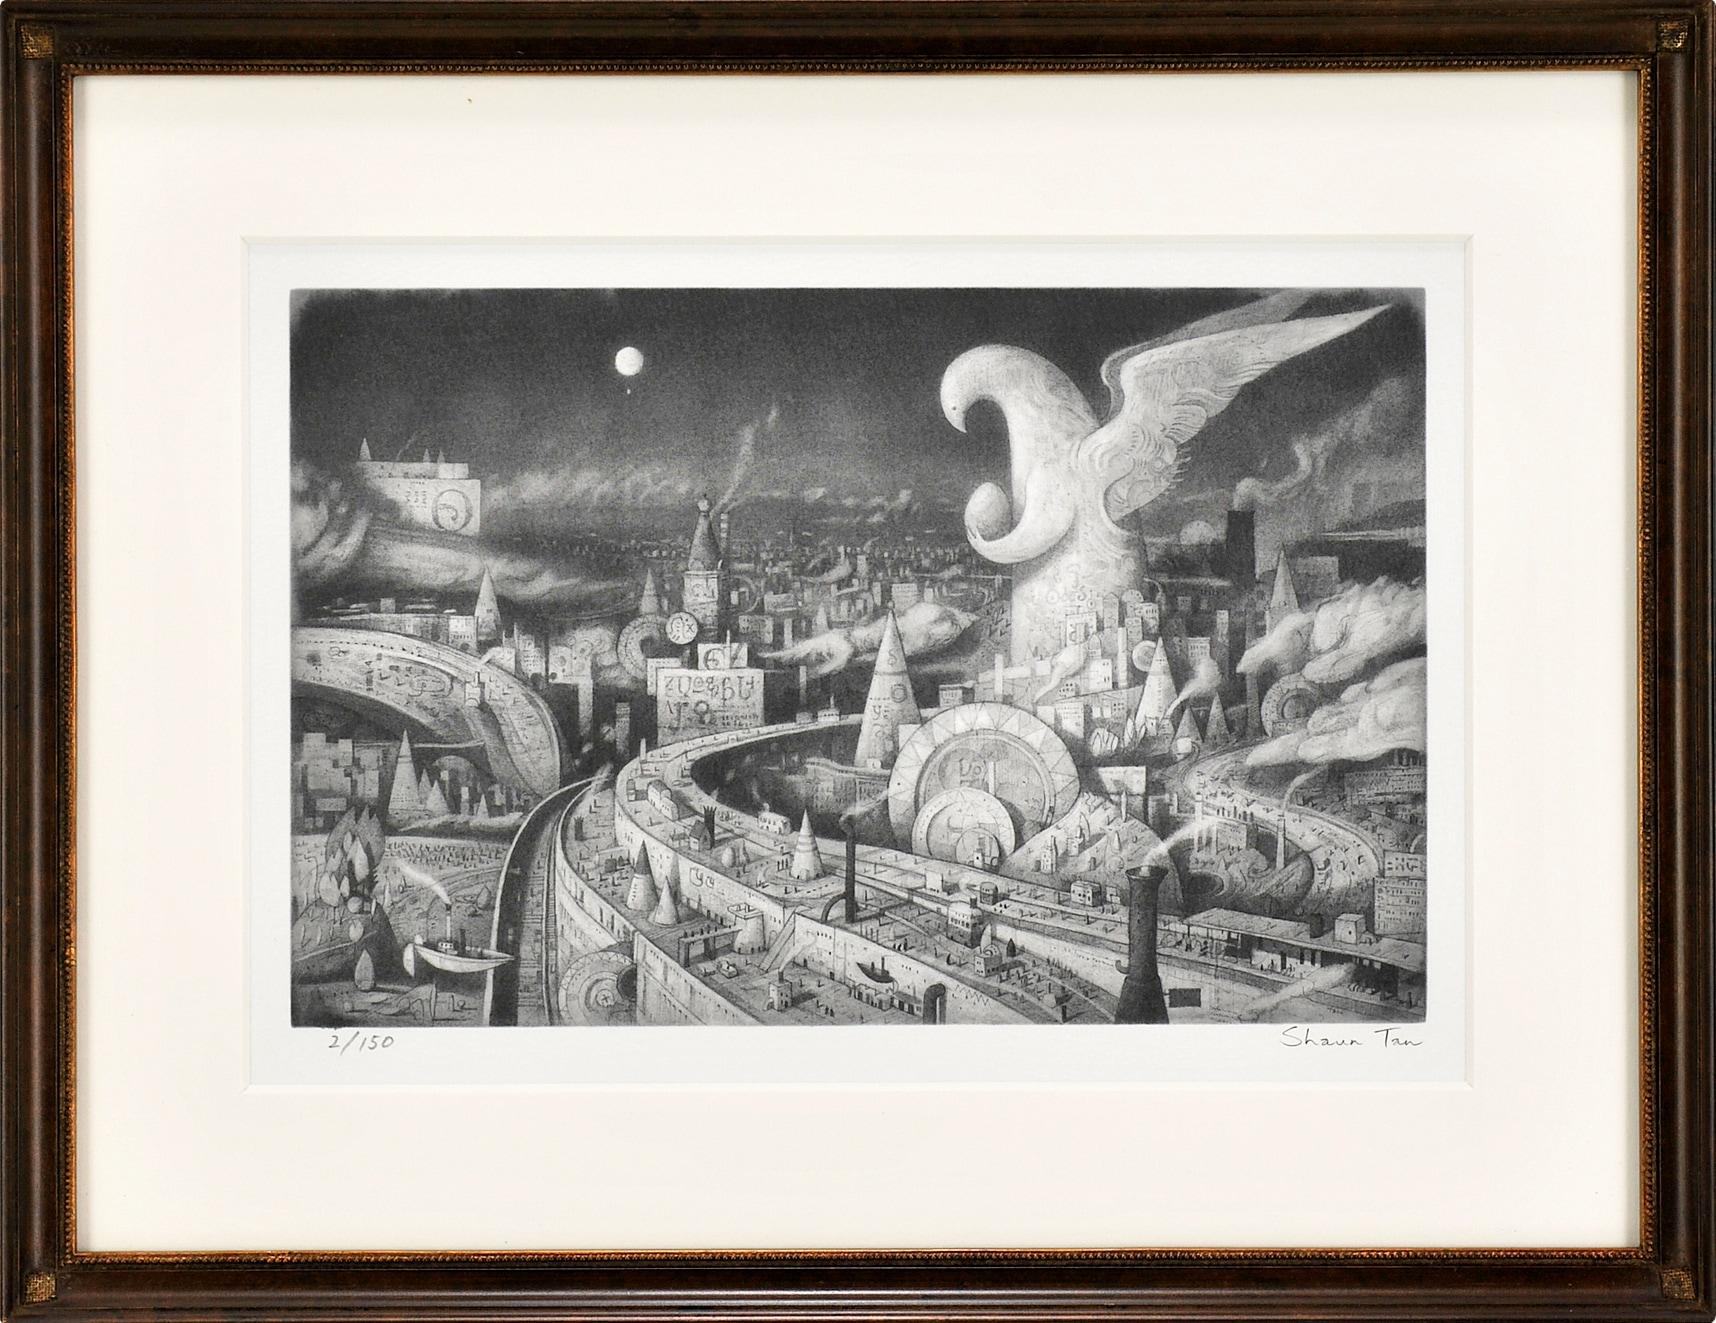 ショーン・タン 版画「フライト」の画像